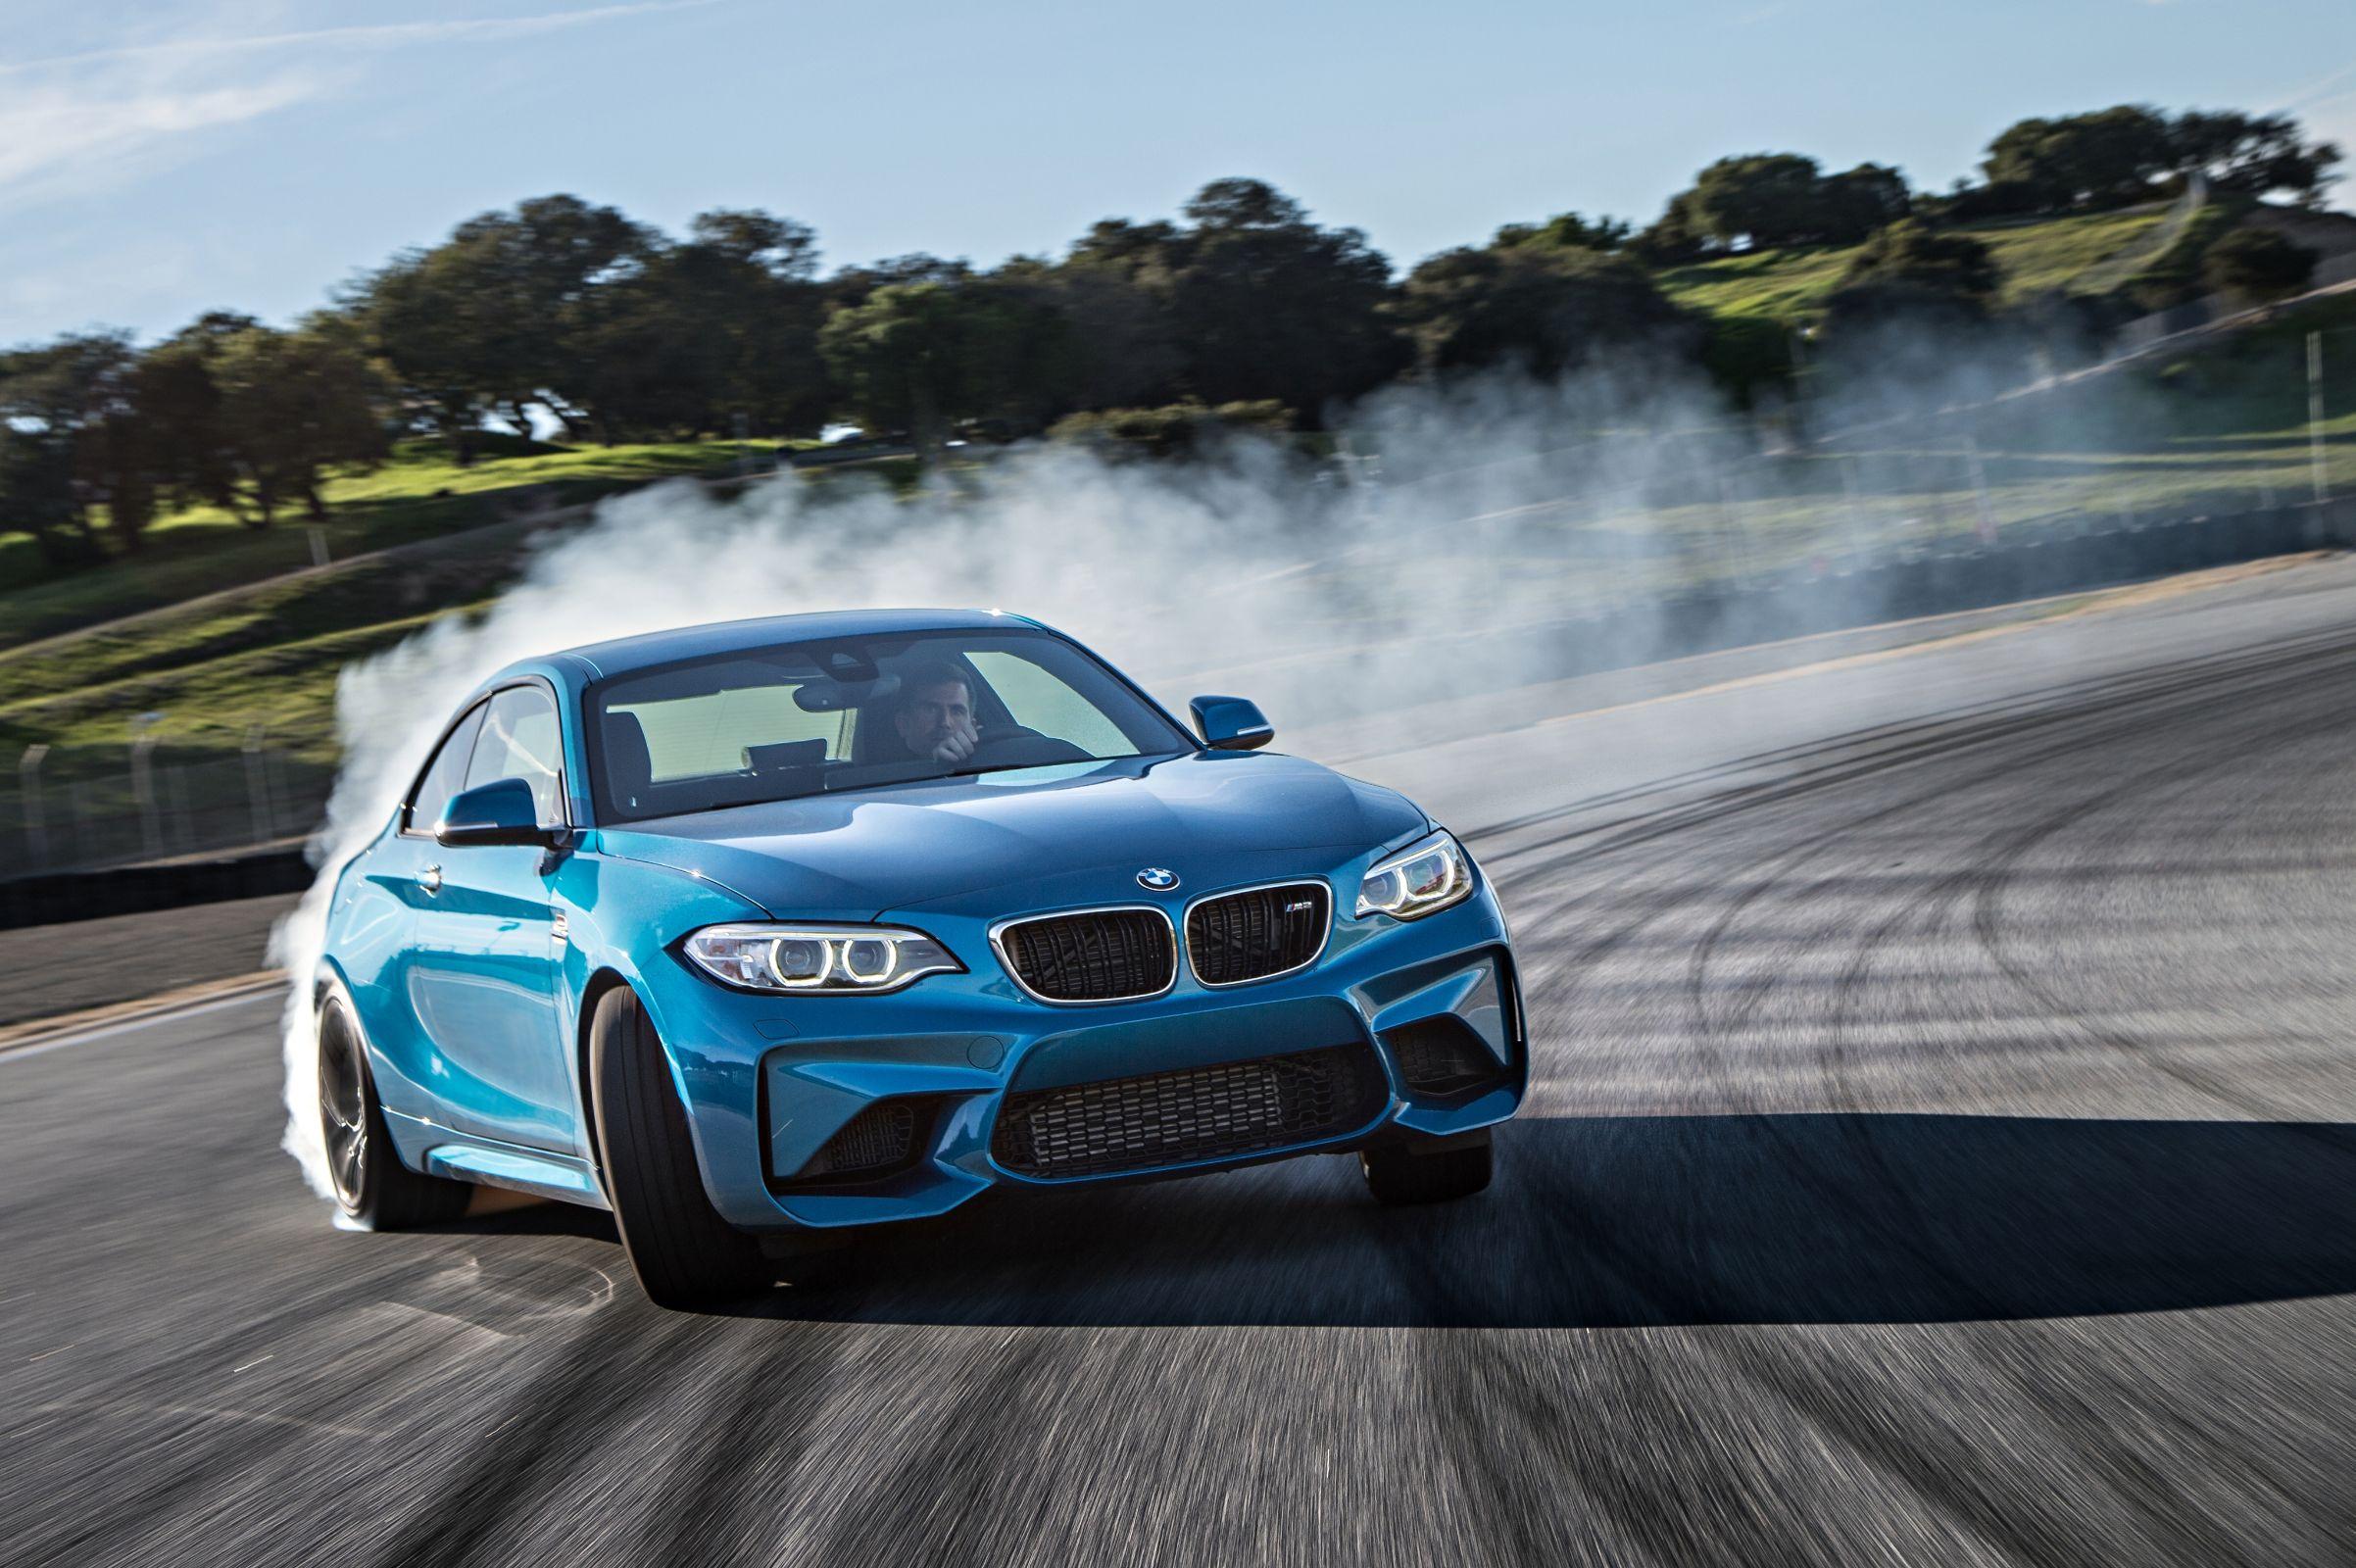 BMW M2 tem desempenho incrível, mas preço é alto no Brasil